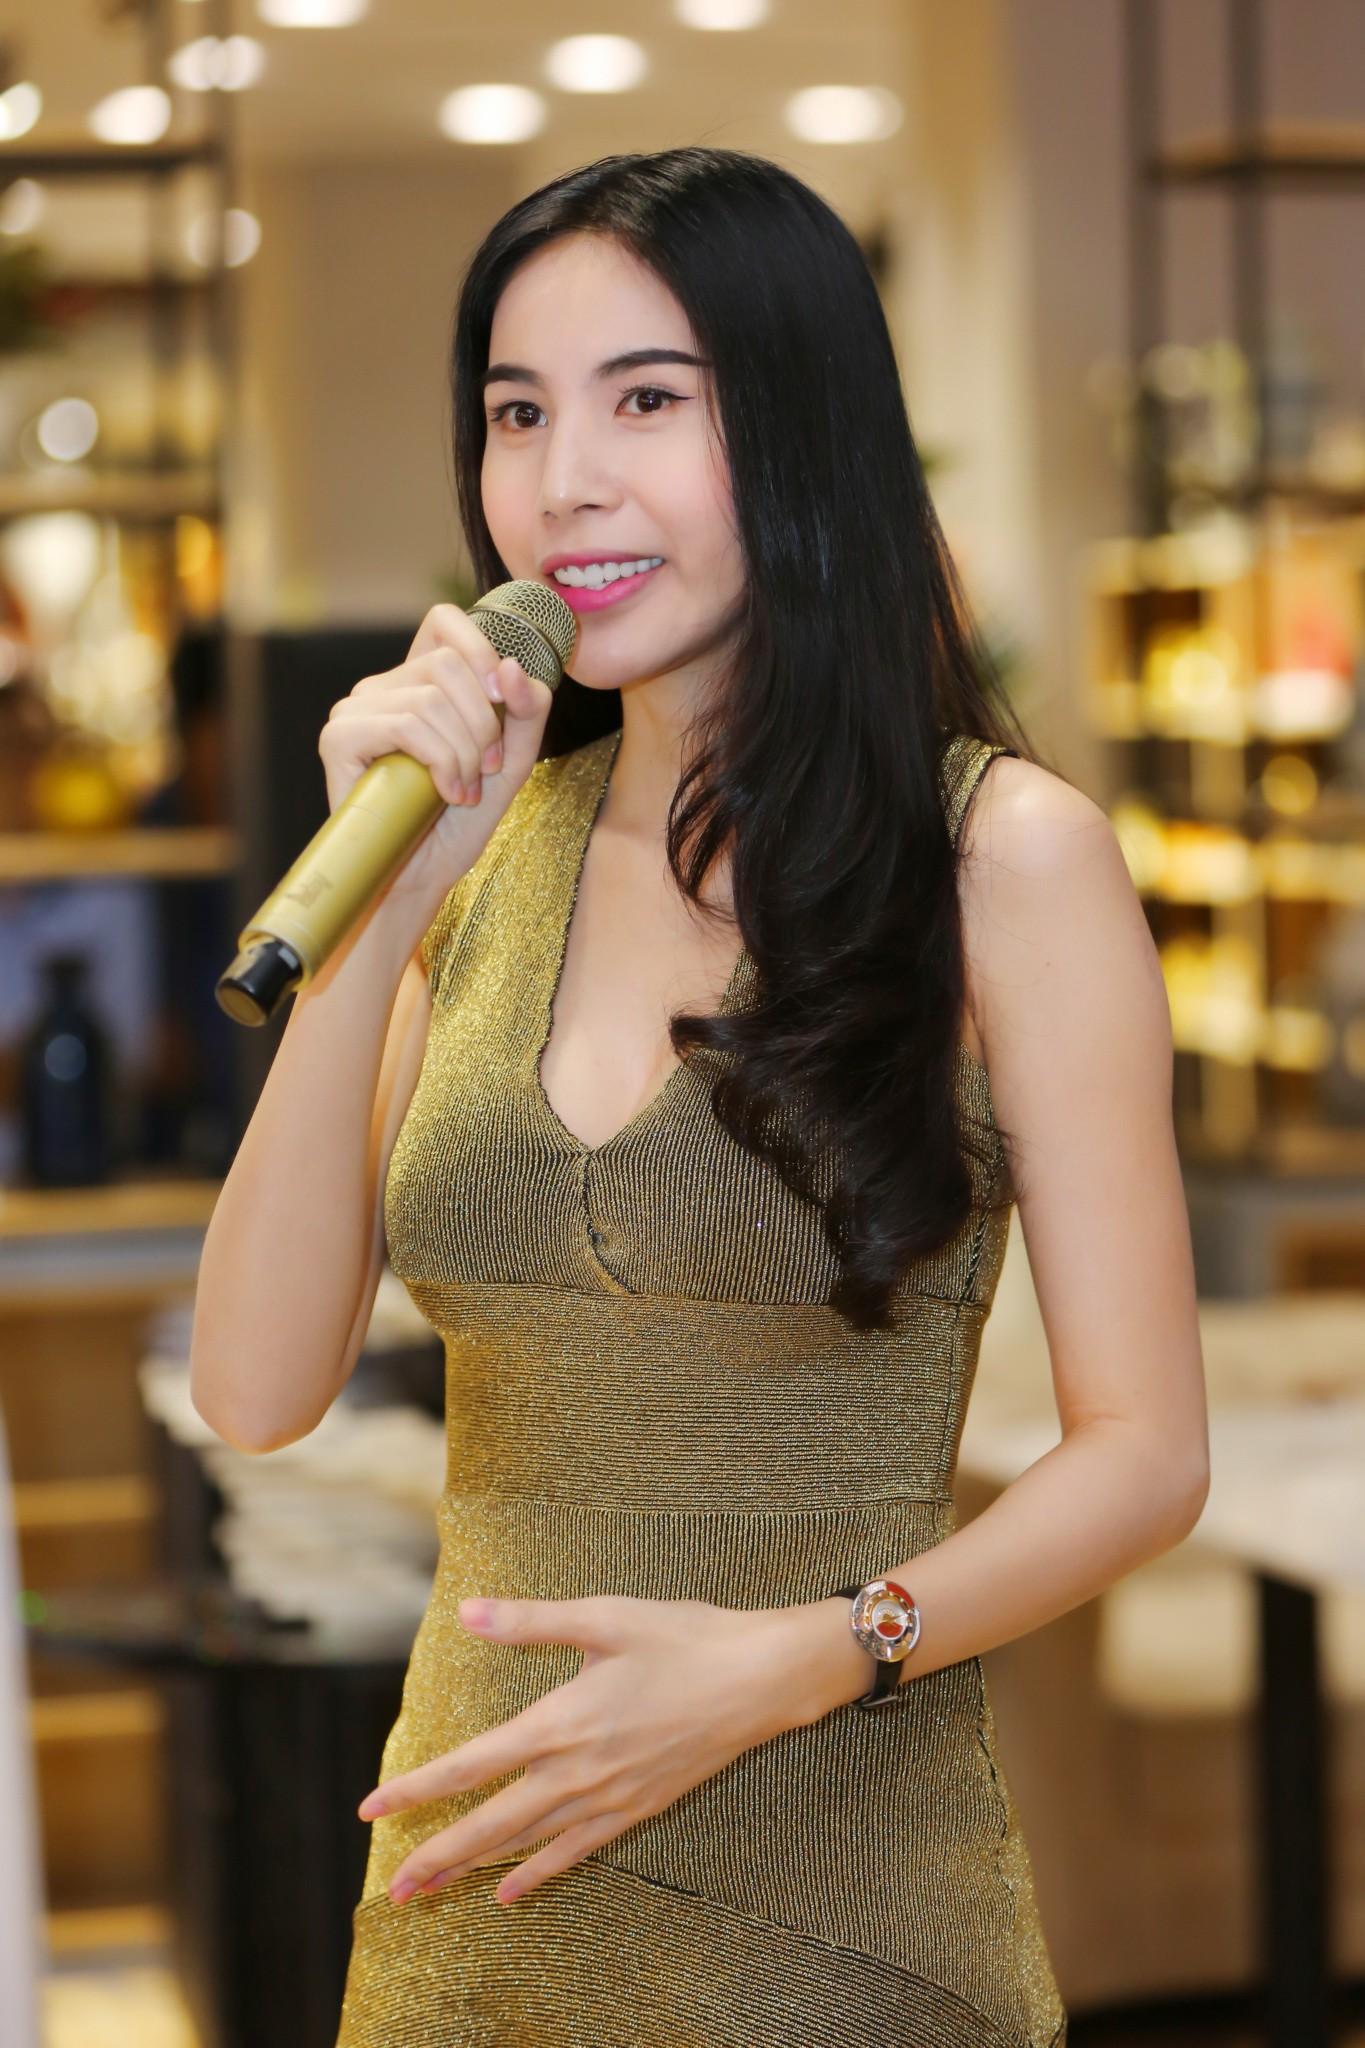 Hậu tin đồn mang thai lần 2, Thủy Tiên diện váy ôm sát khoe vòng eo phẳng lì - Ảnh 6.